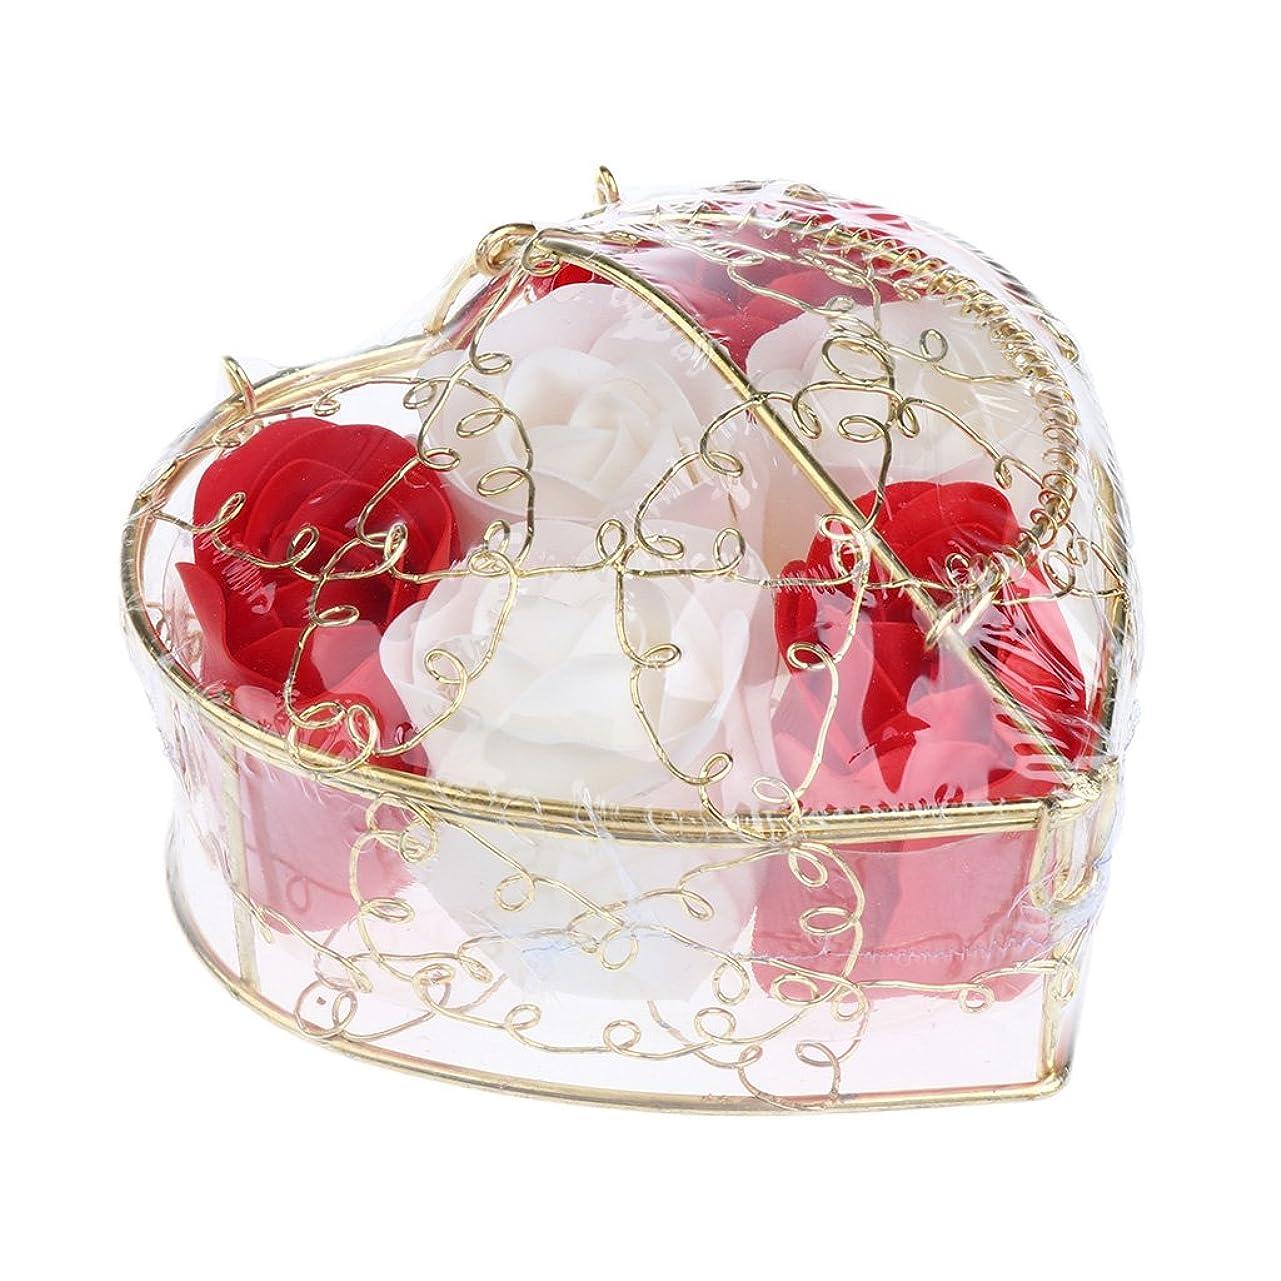 クアッガ尊敬する暫定Fenteer 6個 ソープフラワー 石鹸の花 バラ 心の形 ギフトボックス  バレンタインデー  ホワイトデー  母の日 結婚記念日 プレゼント 全5タイプ選べる - 赤と白